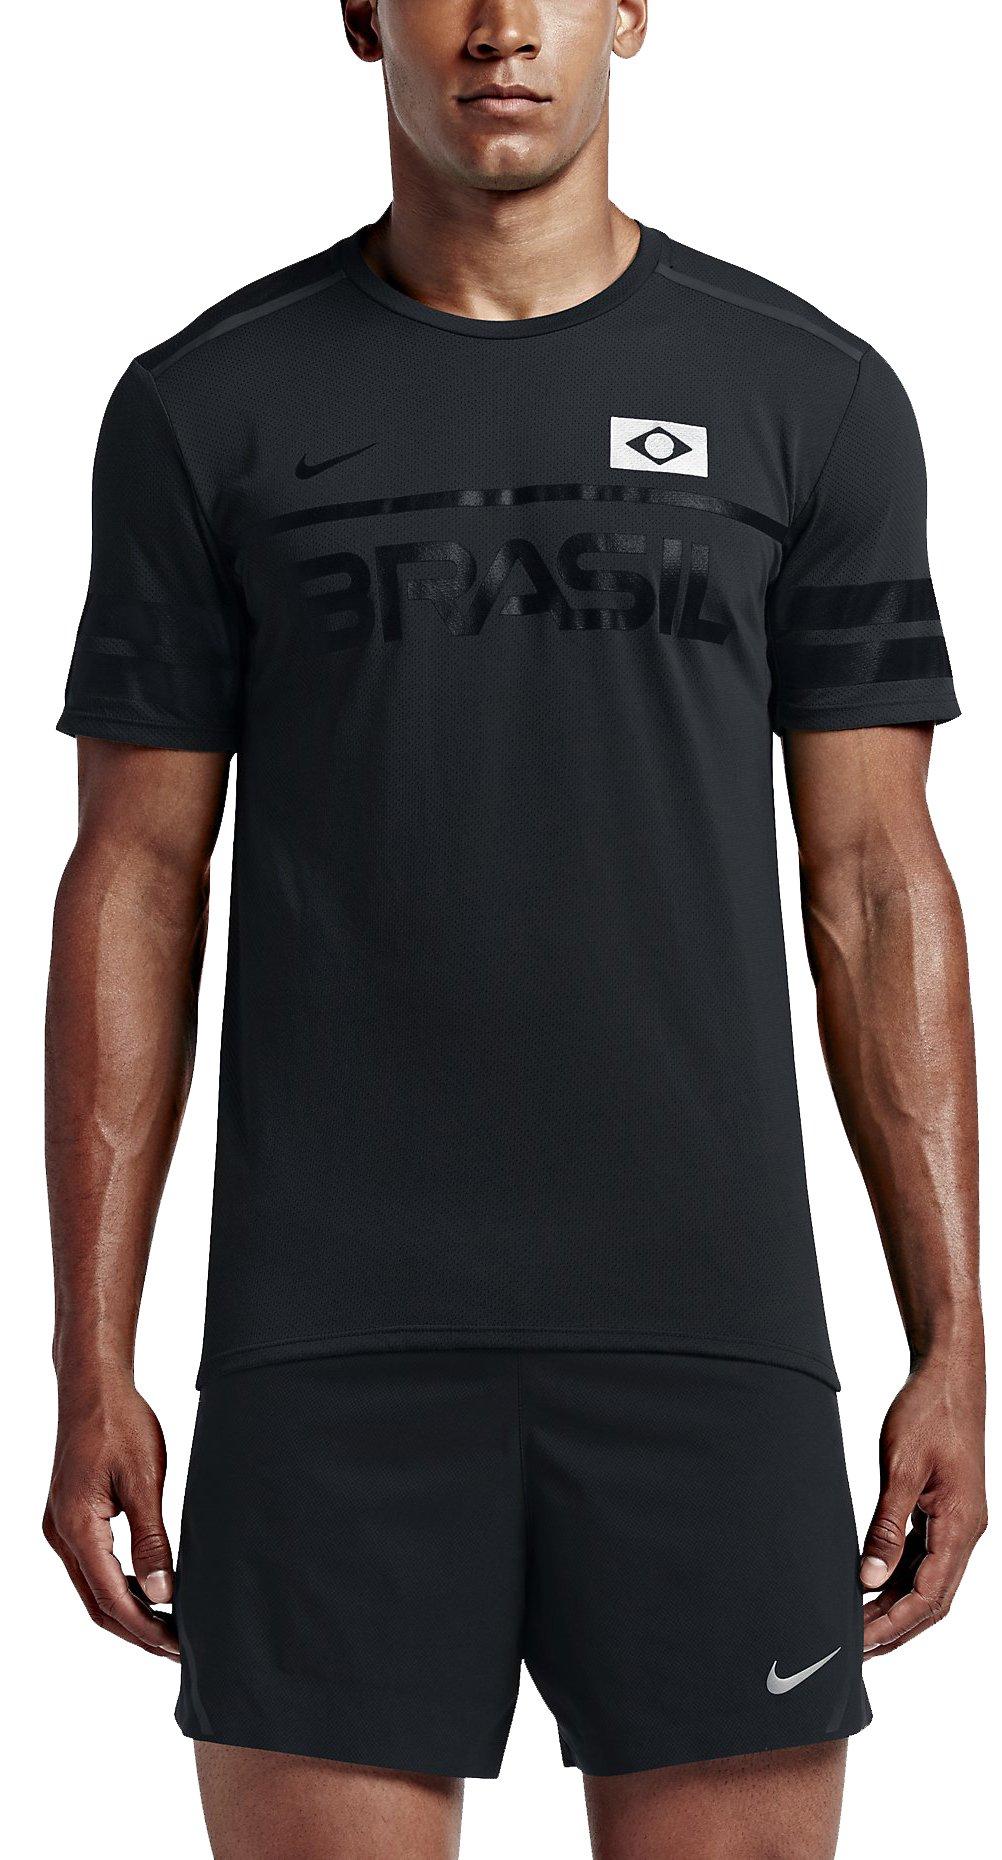 Nike Dry Team Brazil